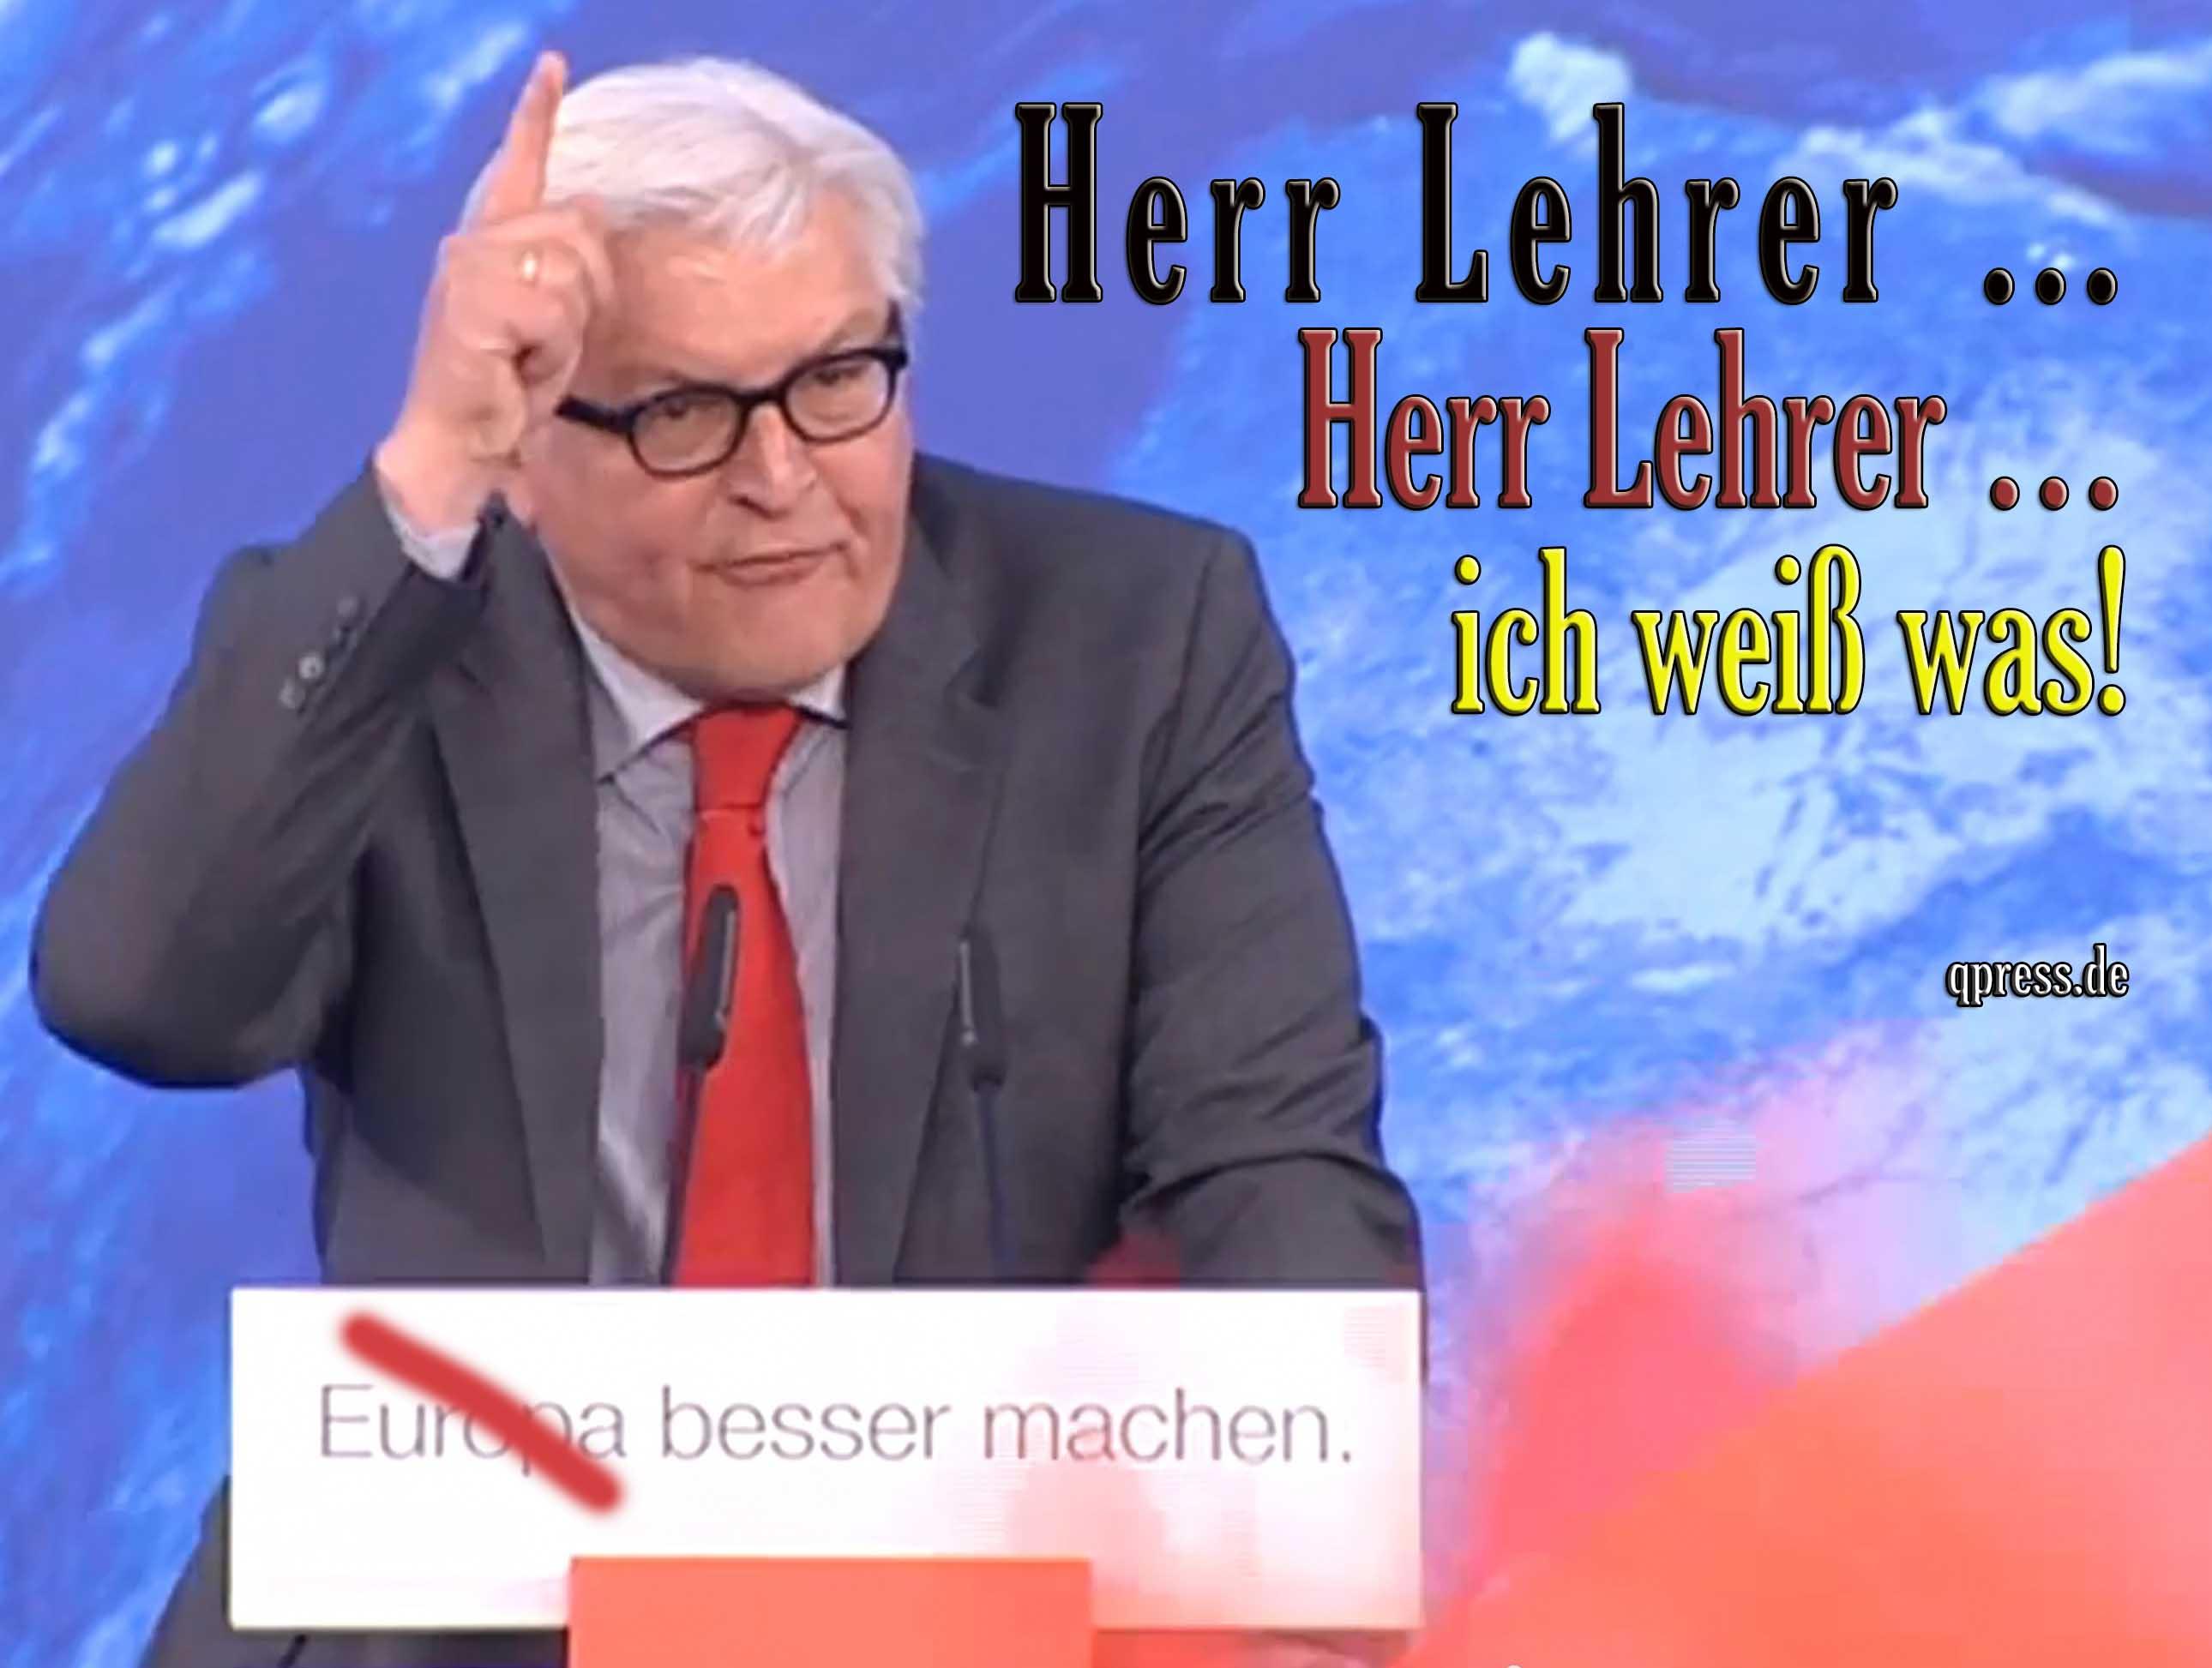 Steinmeier, Frank-Walter - Herr Lehrer ich weiss was